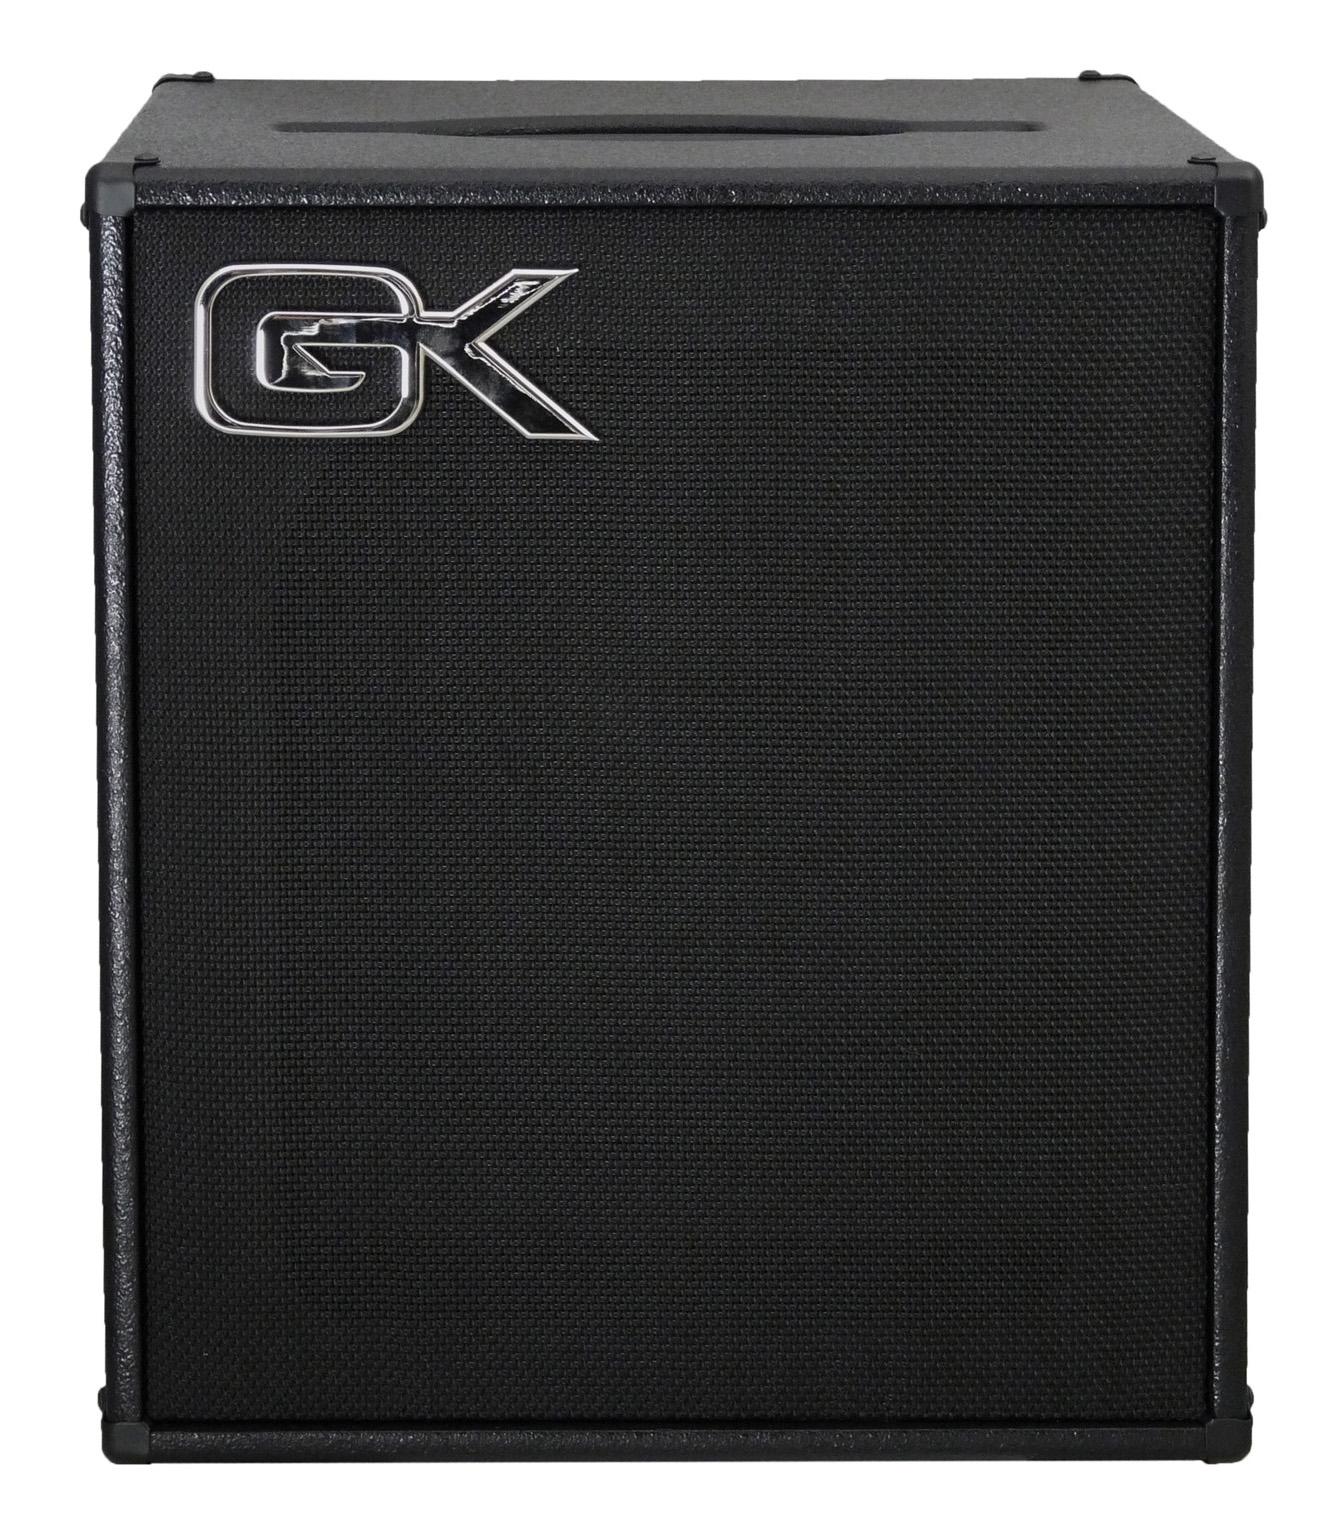 buy gk mbp 200 watt ceramic 1x12 powered speaker cabinet